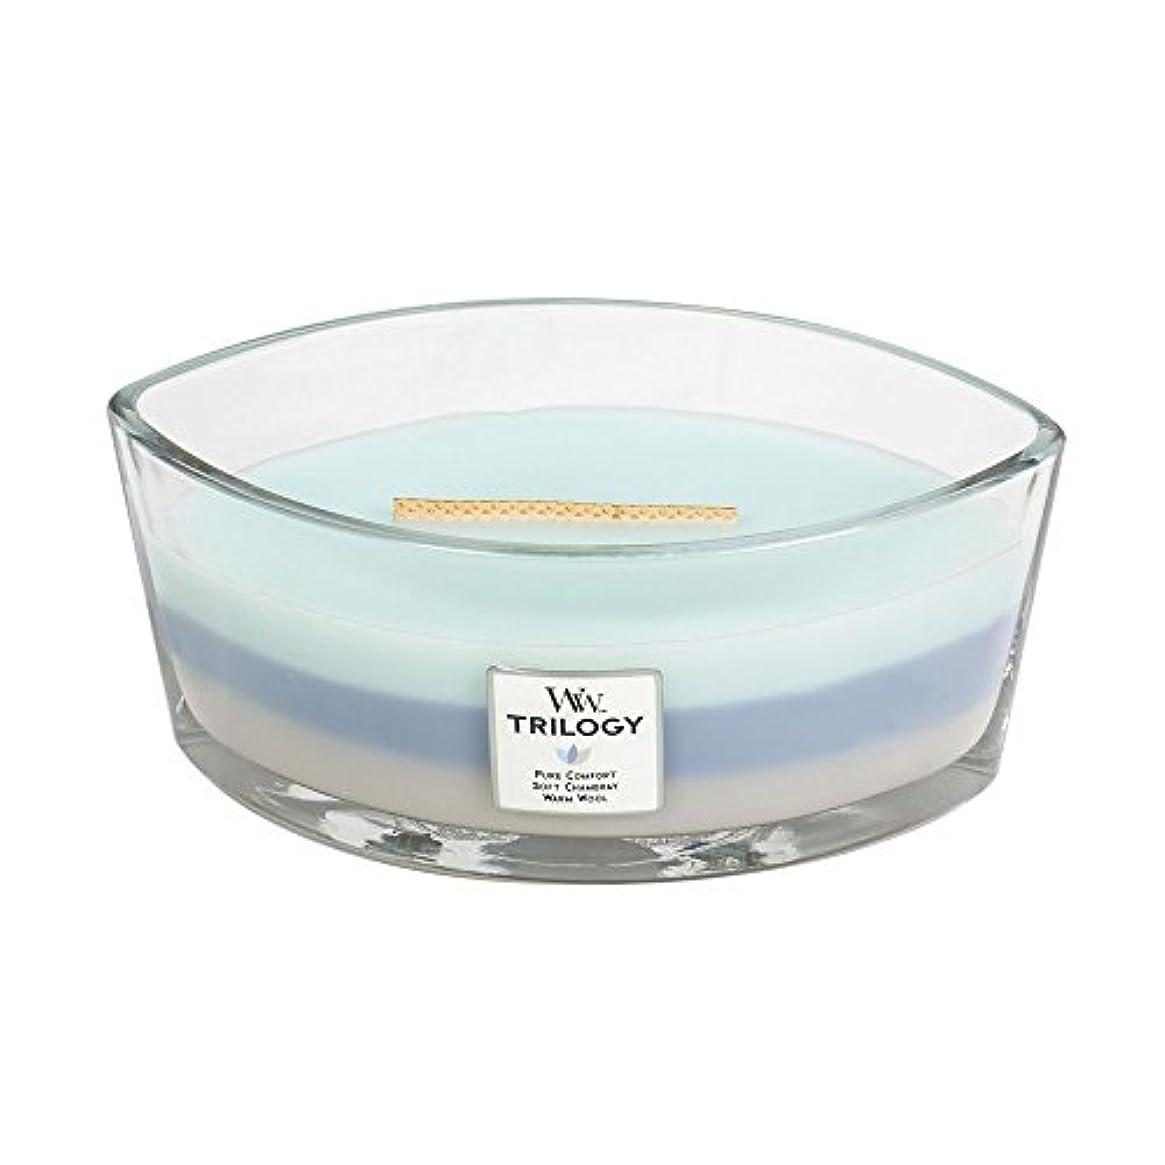 変装したゼリーダーベビルのテスWoodWick Trilogy WOVEN COMFORTS, 3-in-1 Highly Scented Candle, Ellipse Glass Jar with Original HearthWick Flame...